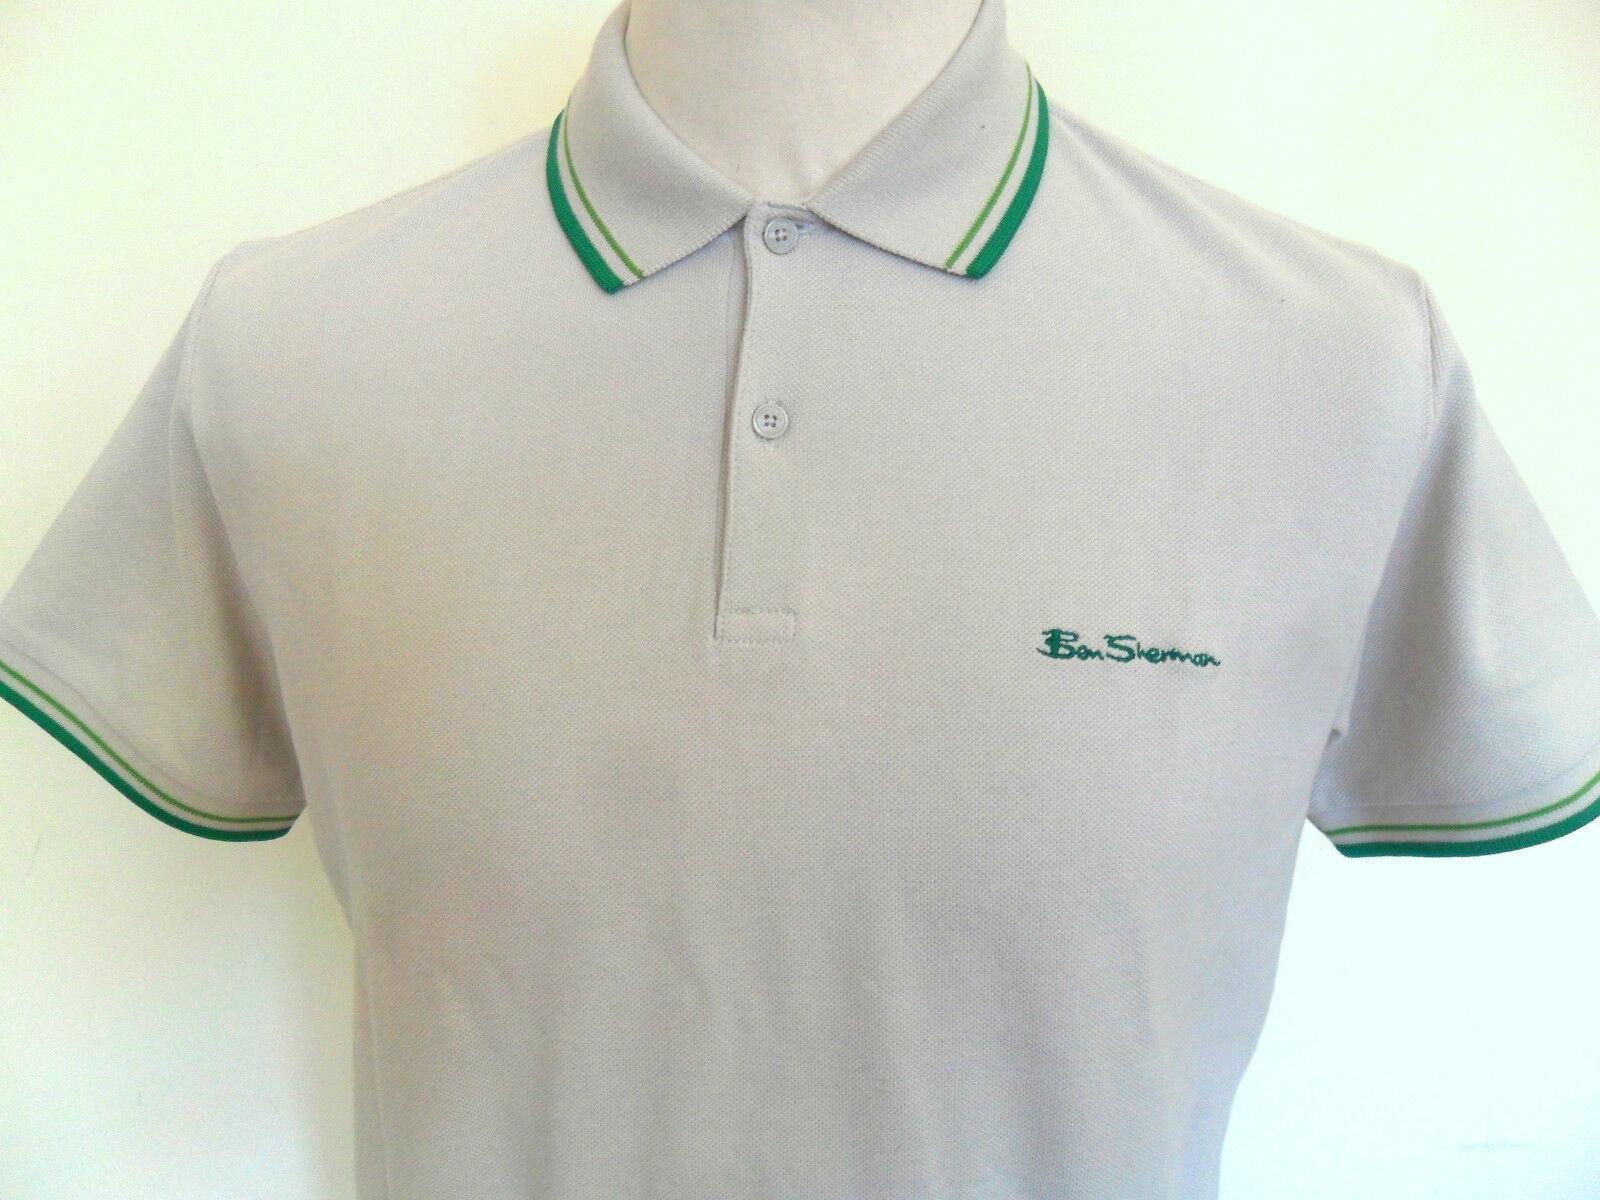 Ben Sherman T-shirt Uomo PESA POLO Romford beige taglie    M-XXL 116020